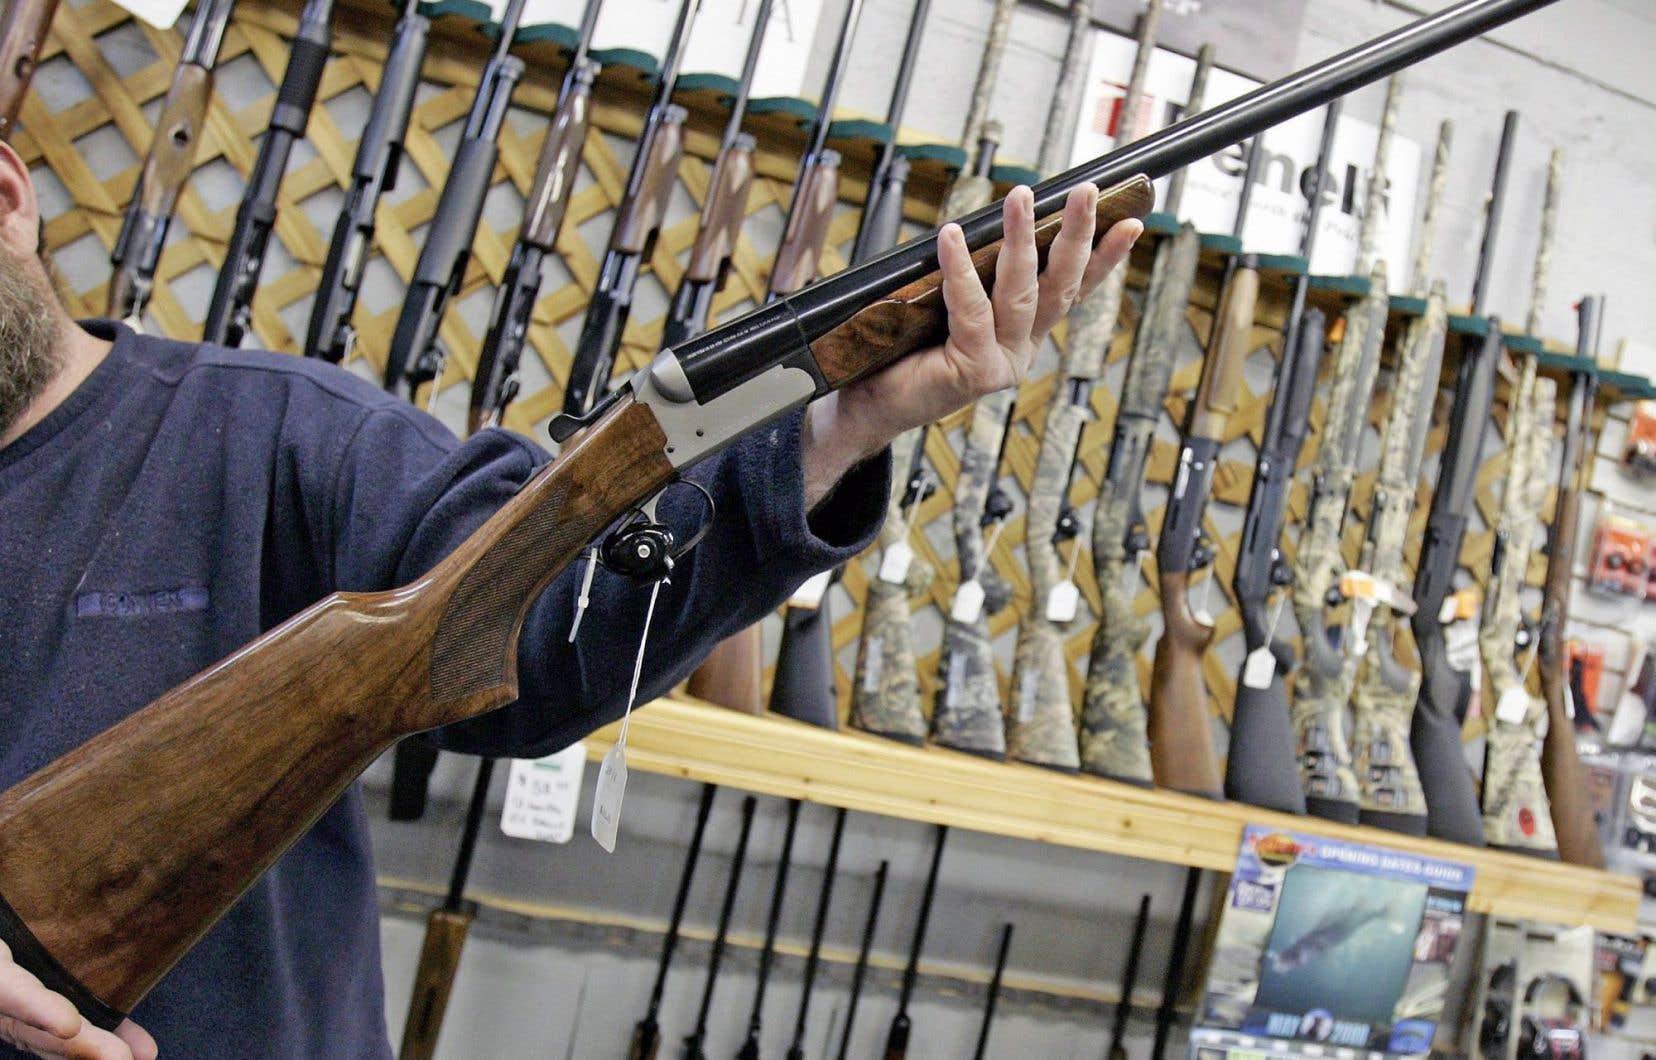 La Loi fédérale sur les armes à feu stipule que le contrôleur peut révoquer le permis de possession d'arme d'un citoyen «pour toute raison valable».